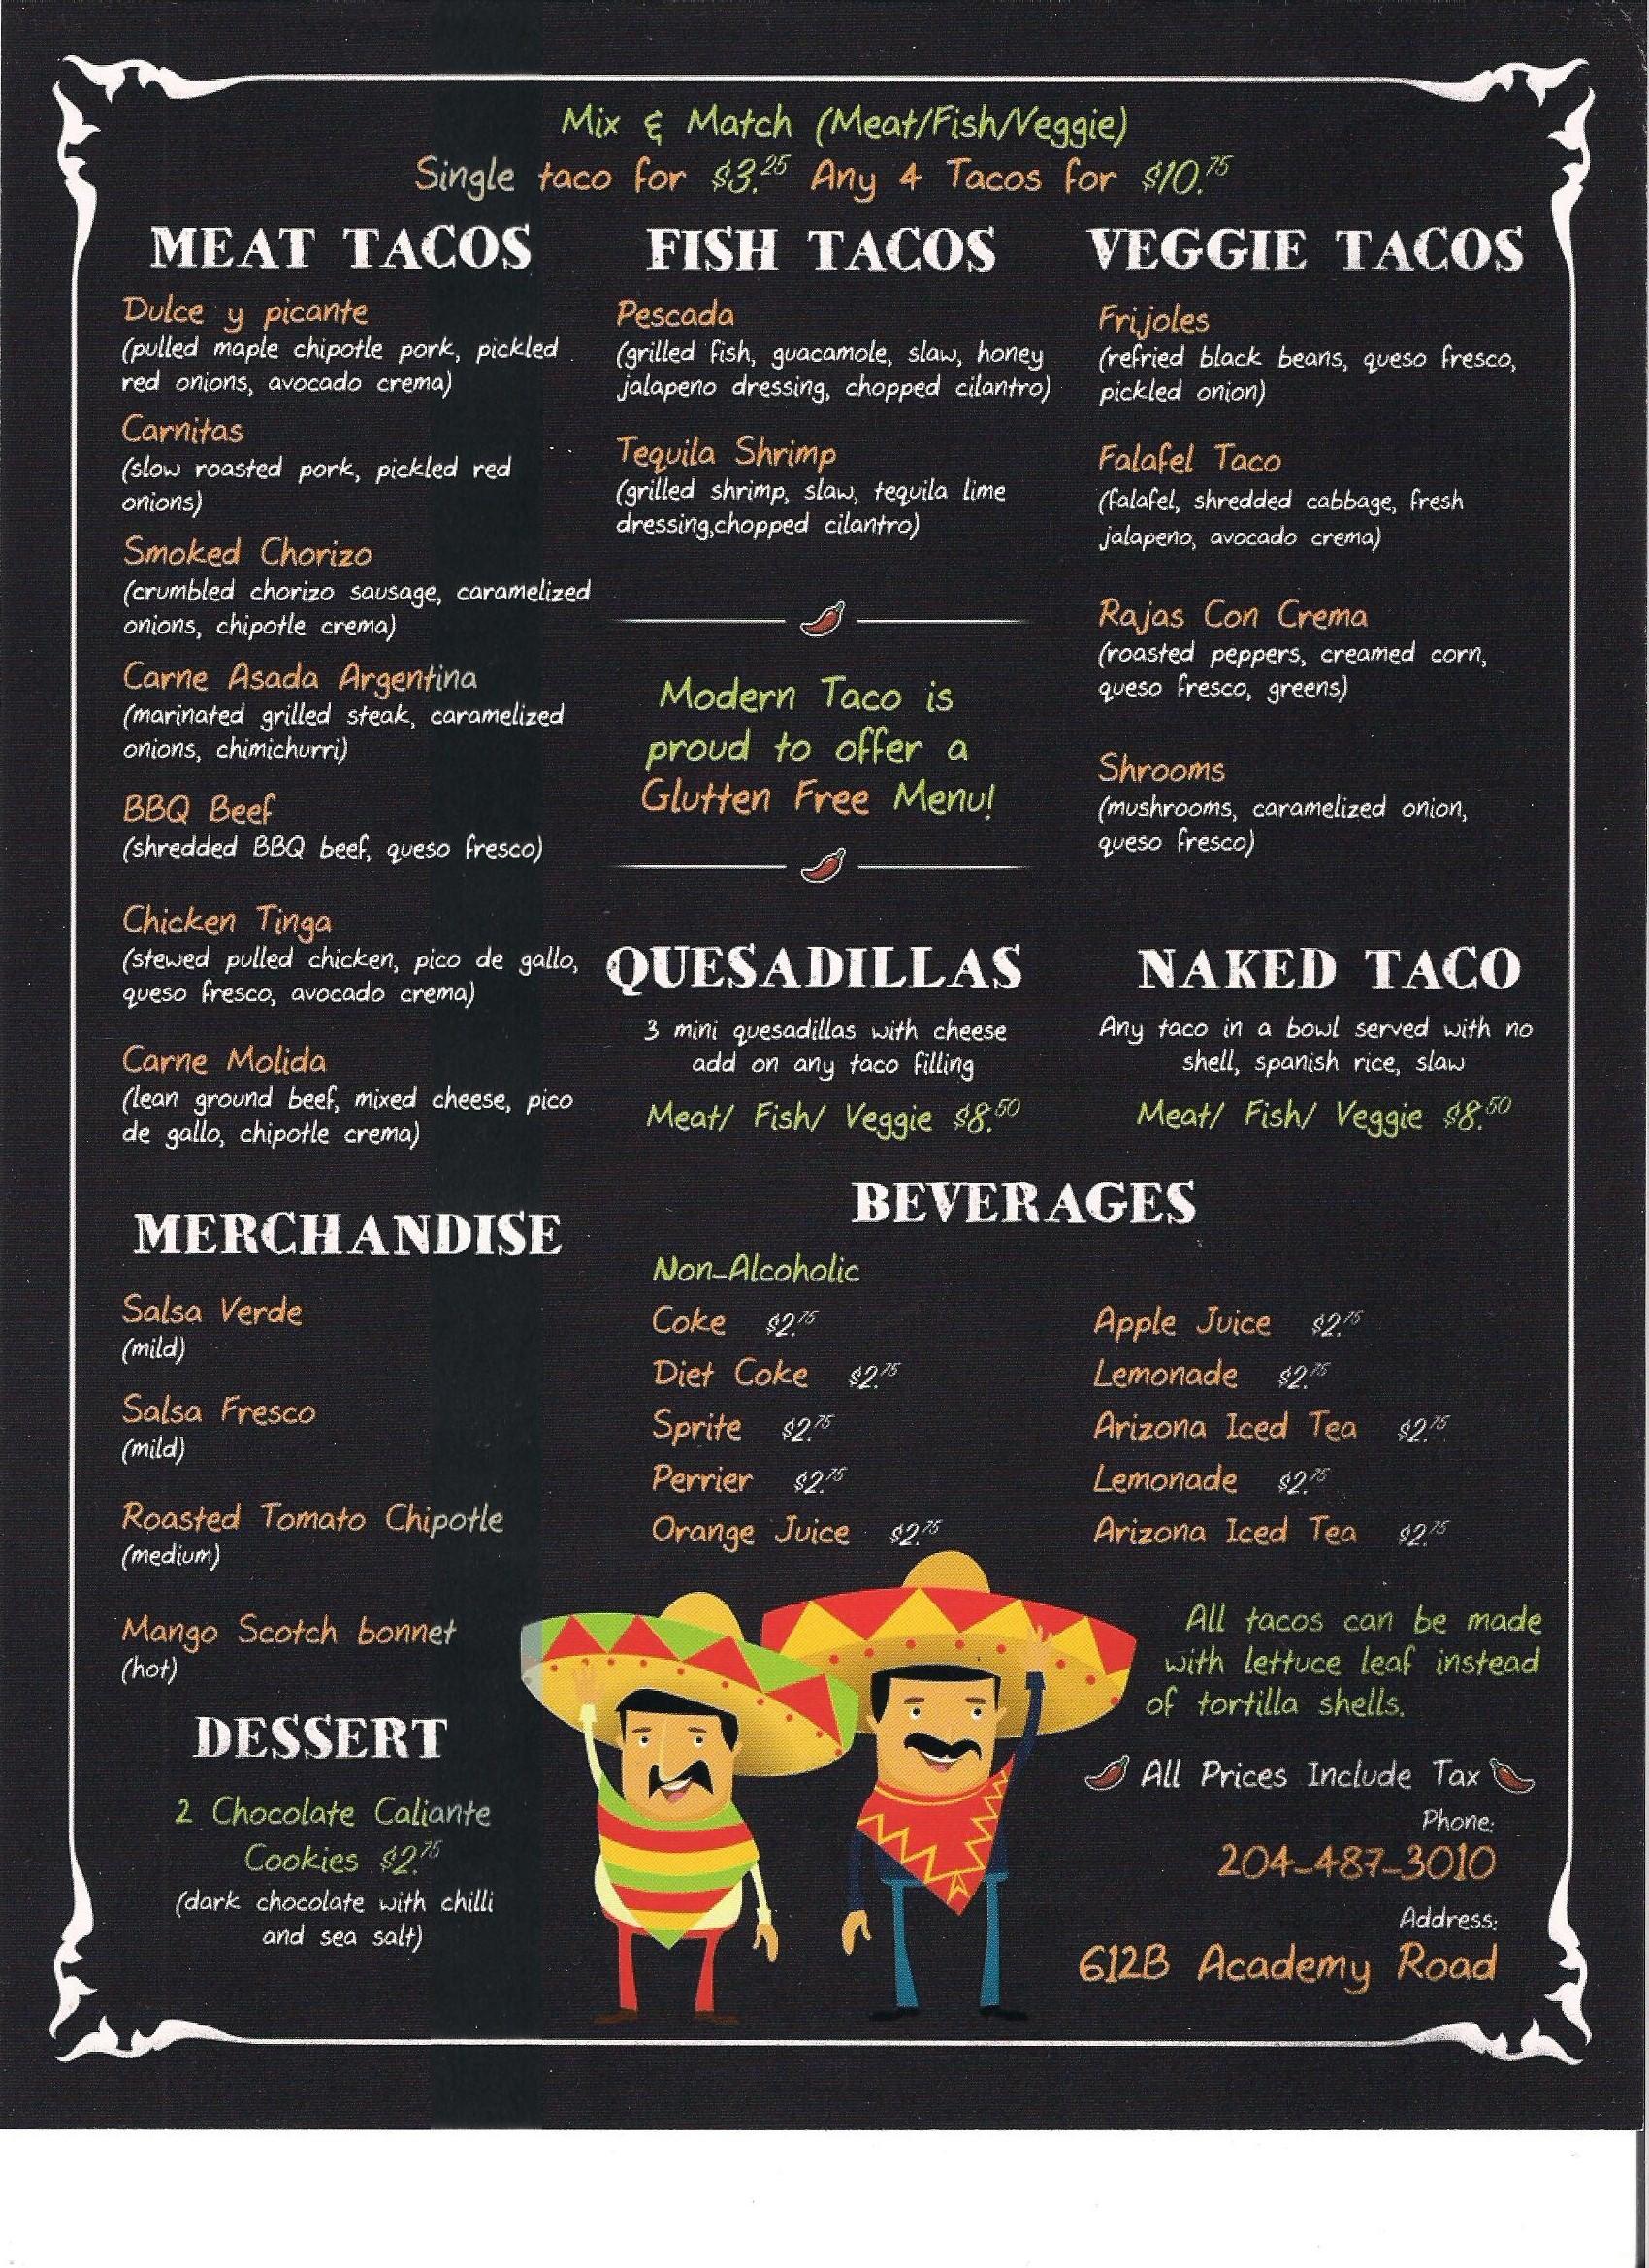 Modern Taco Company A Truly Mexican Taco Finally Hits